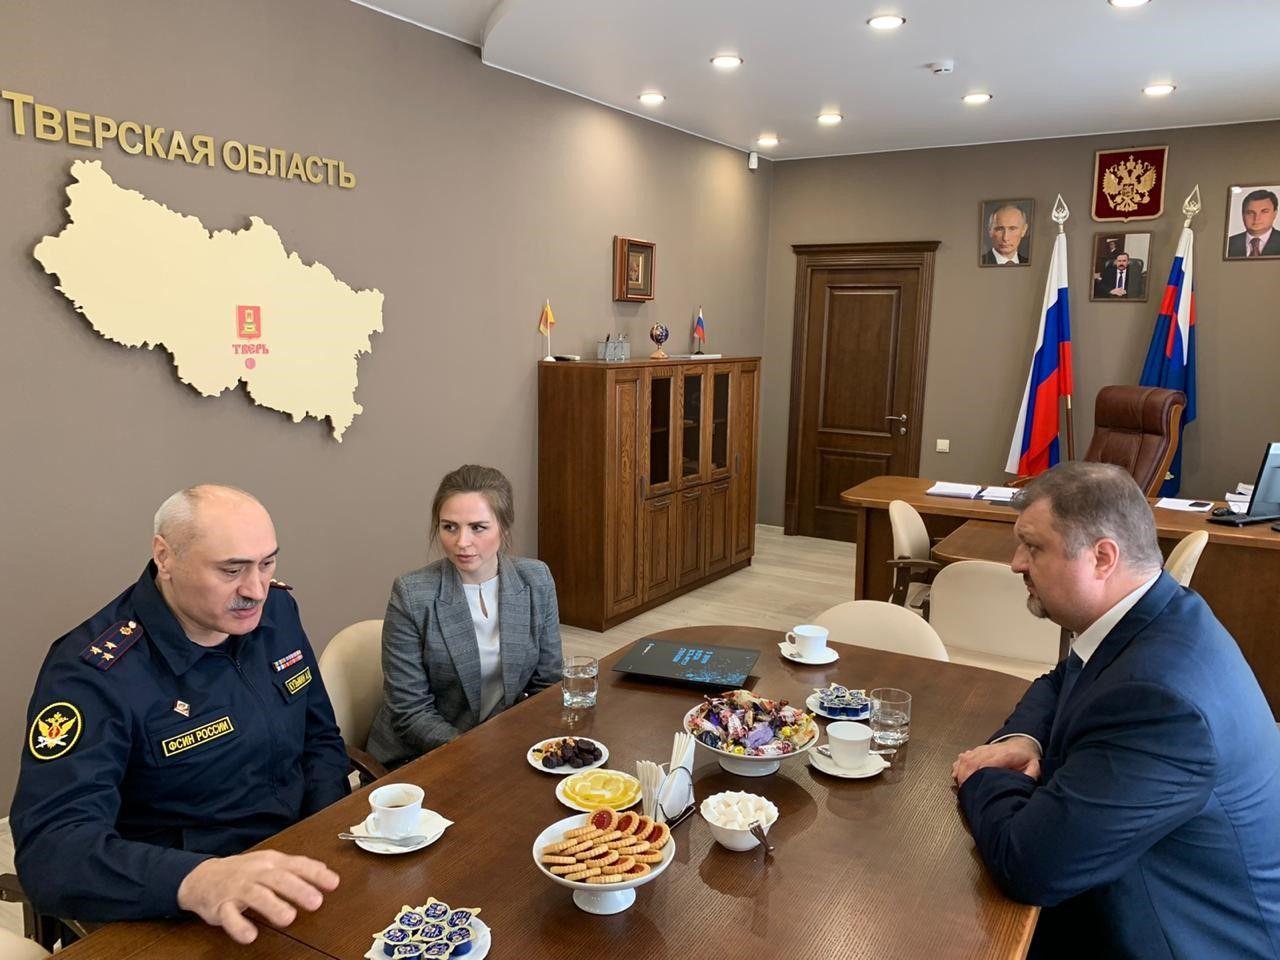 Банк «Открытие» провел рабочую встречу с УФСИН России по Тверской области